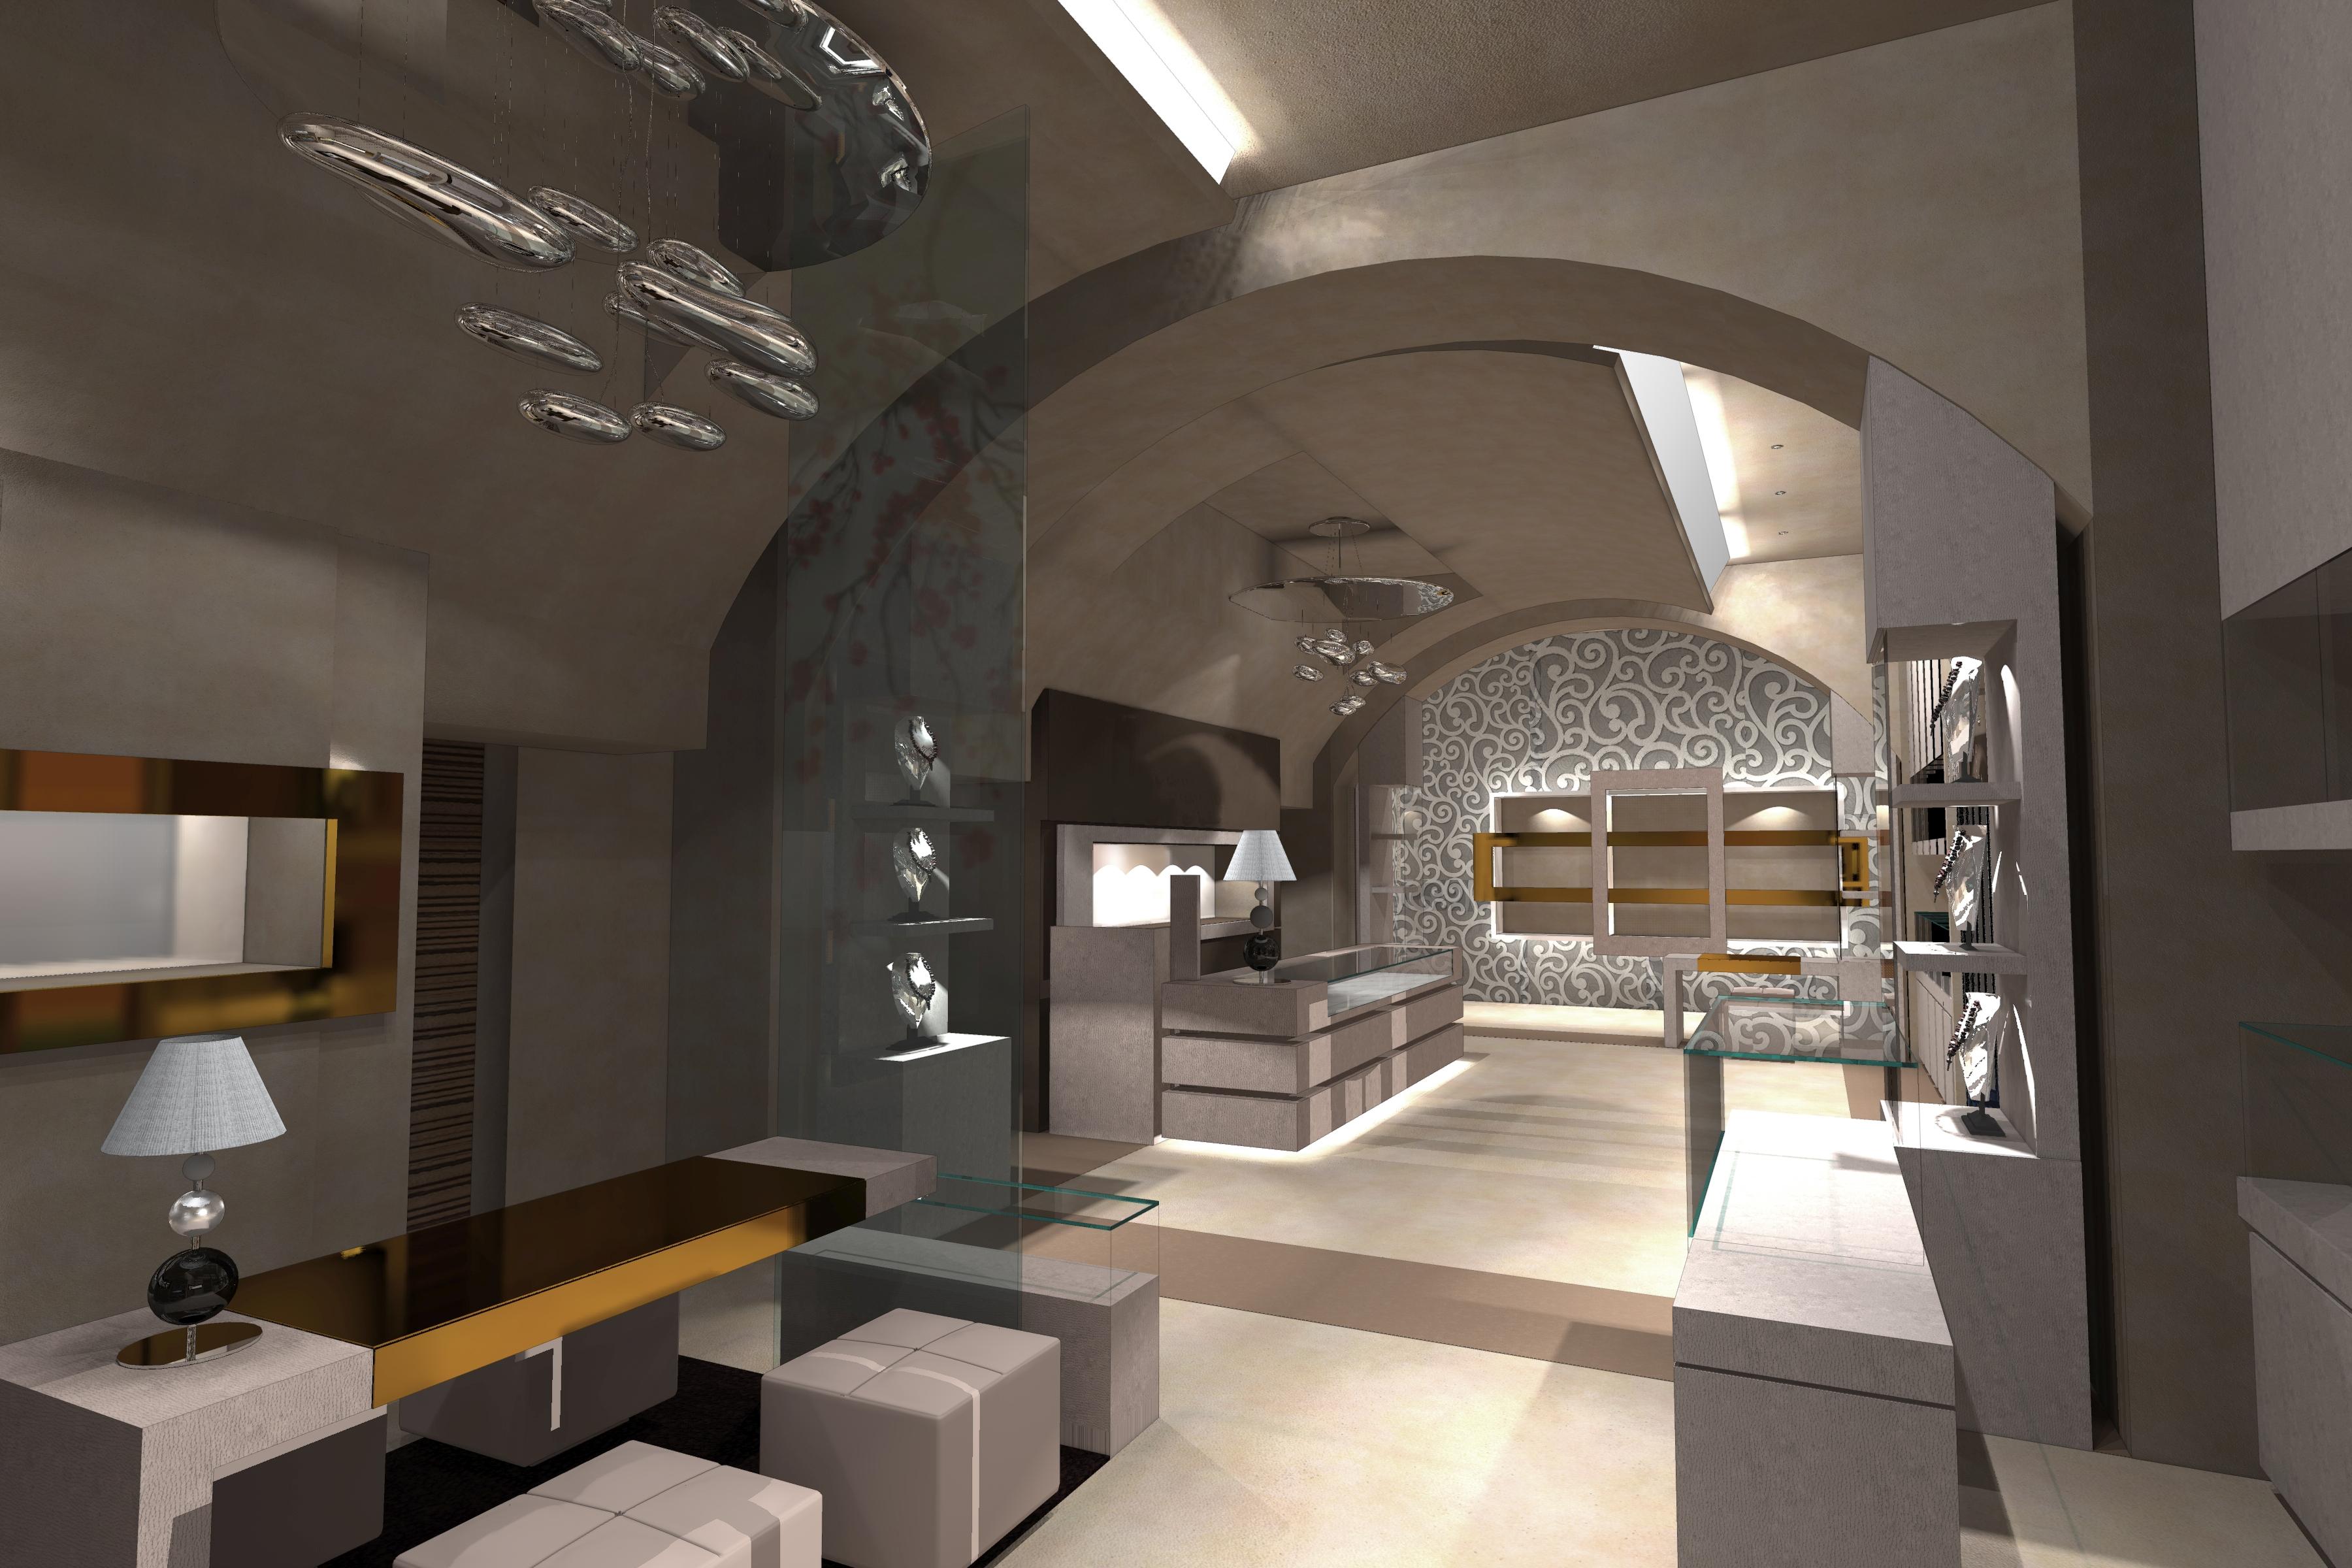 Gioielleria b a design architettura e produzione